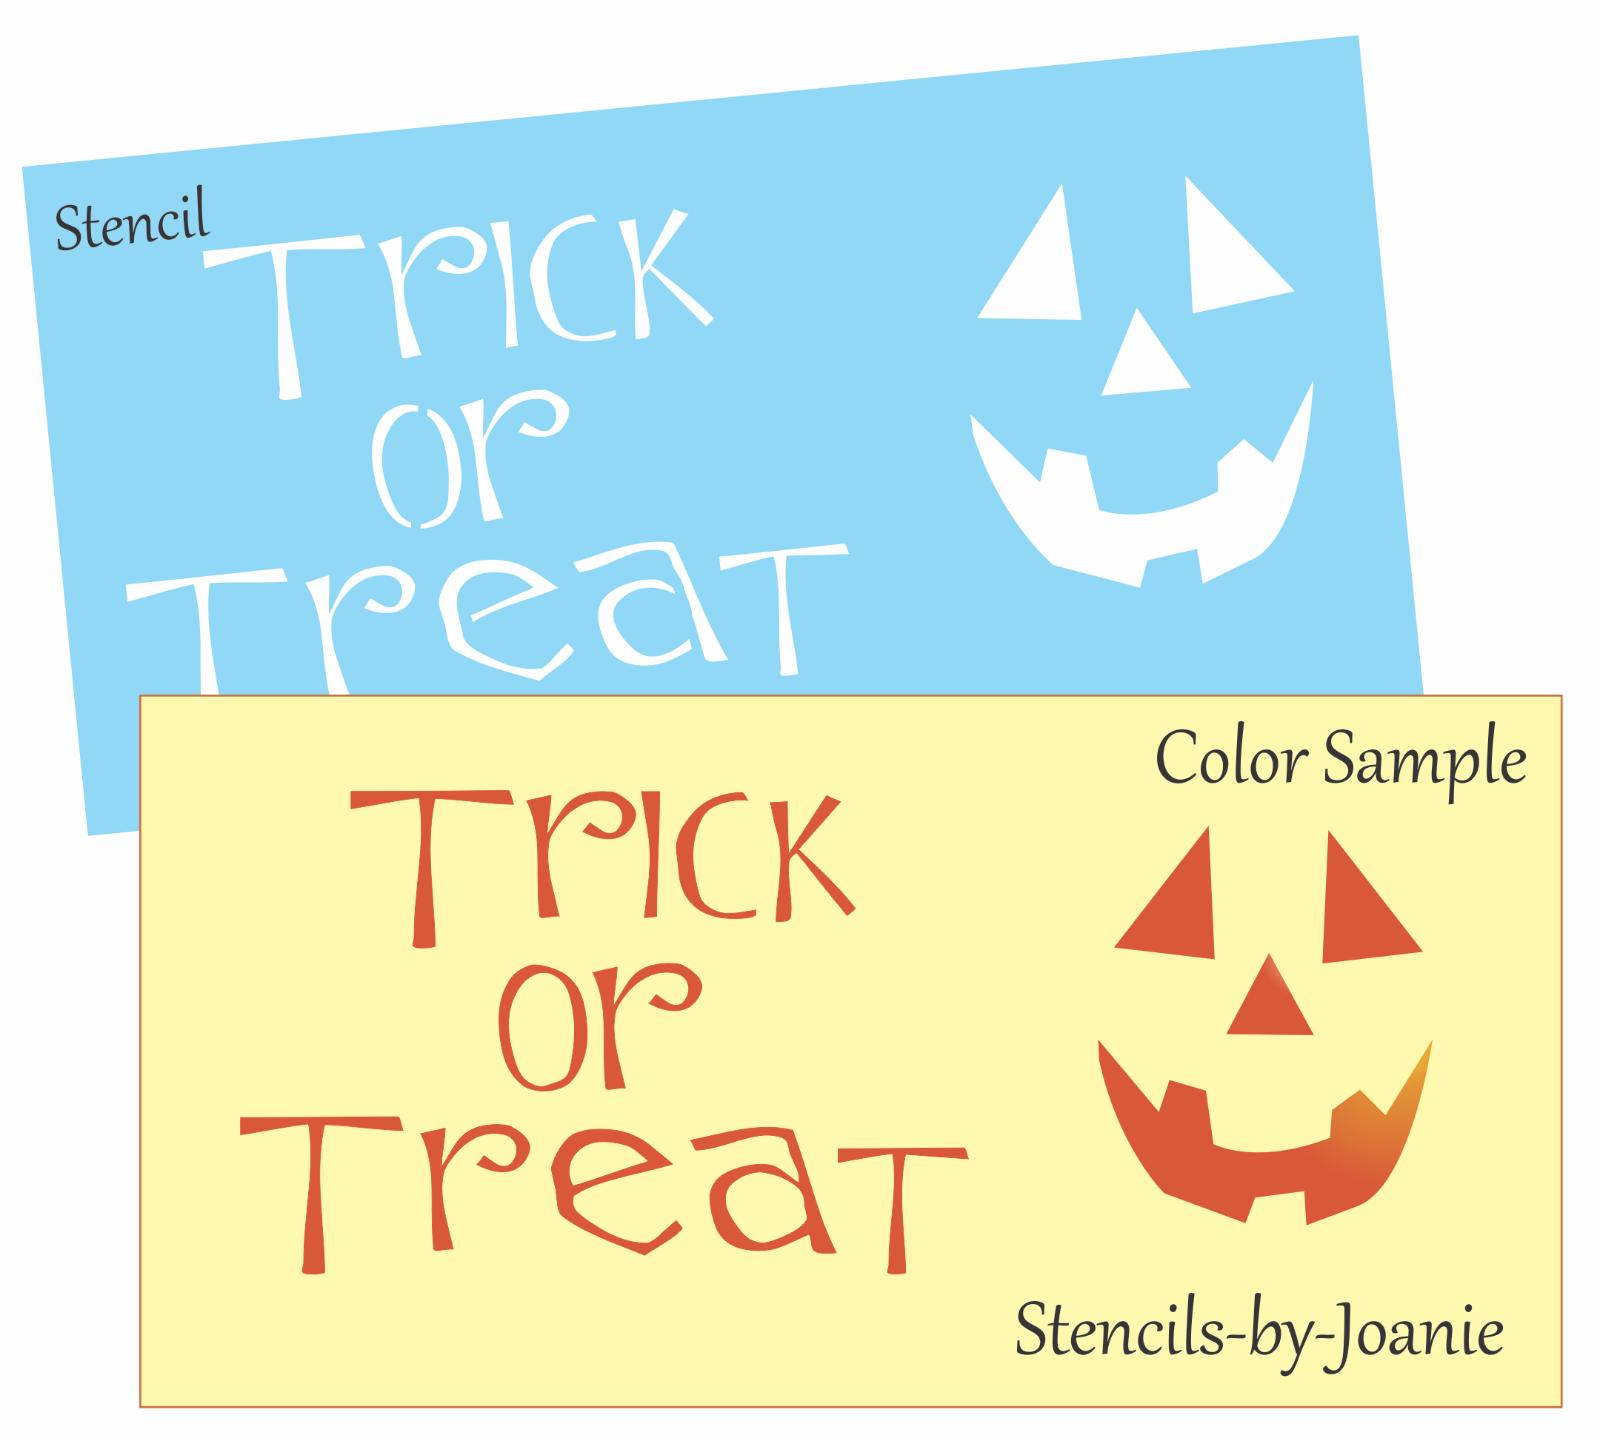 Joanie Fall Stencil Trick Treat Star Whimsey Craft Halloween Kid Signs U Paint